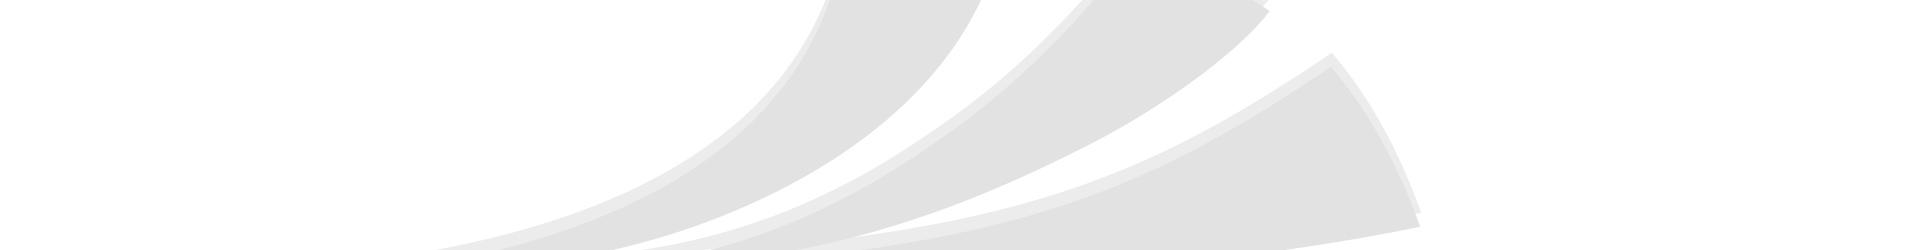 Sociedad Española de Enfermeria Intensiva y Unidades Coronarias